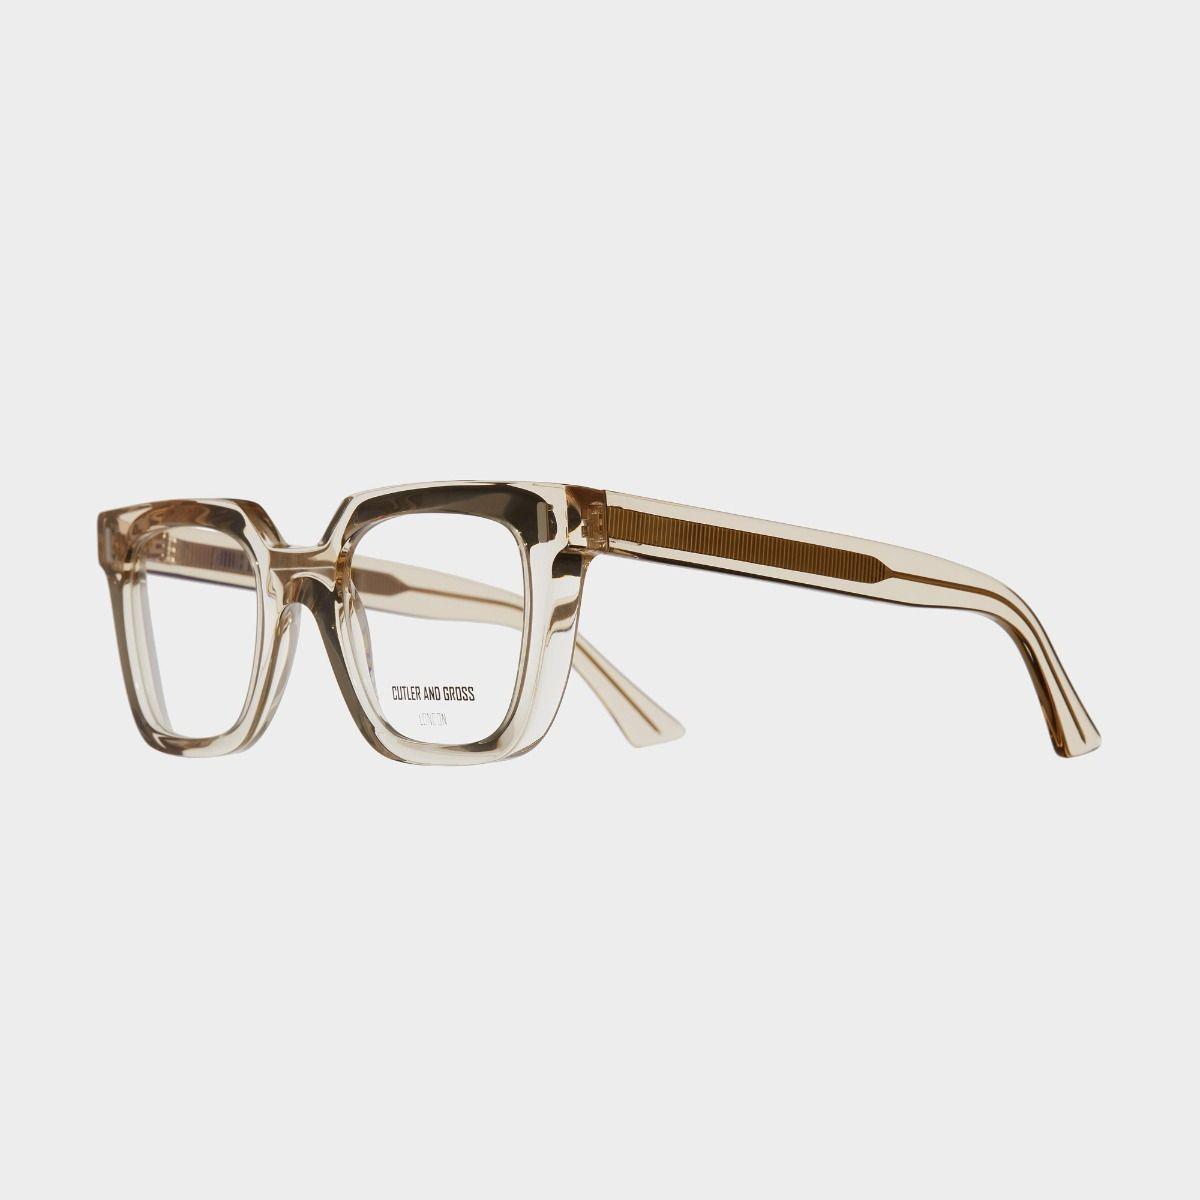 1305 Optical Square Glasses-Granny Chic